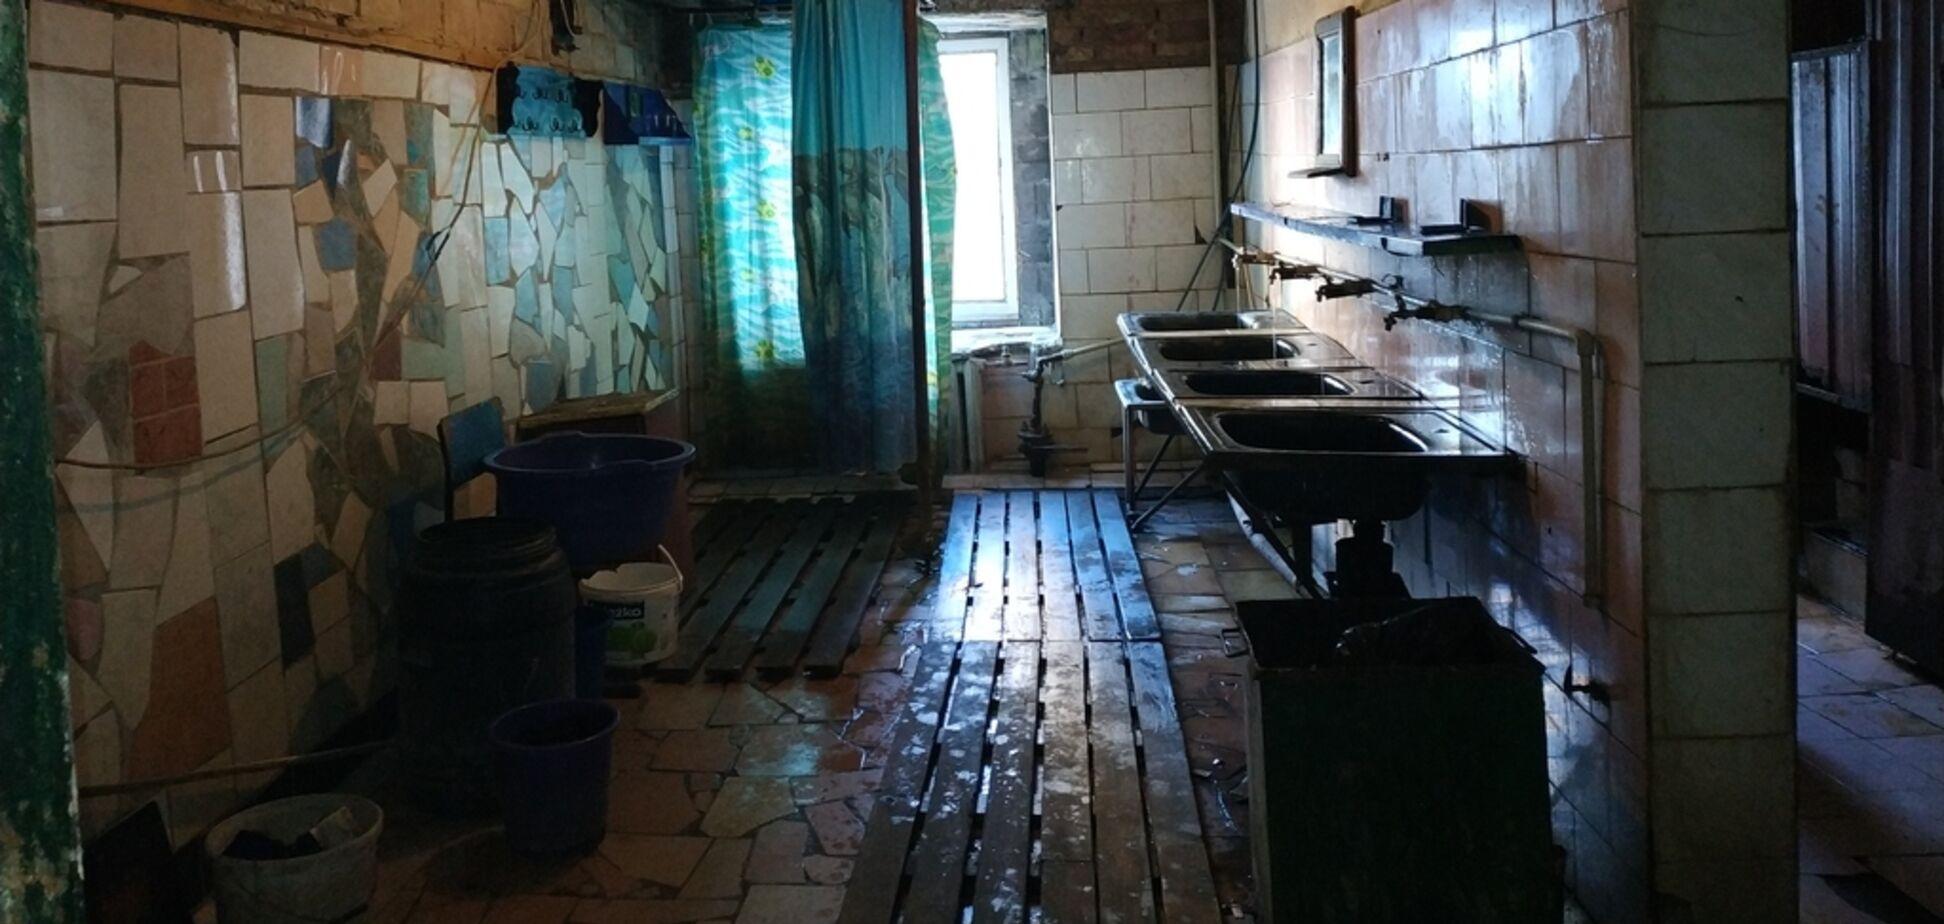 Умерли 13 заключенных: опубликованы ужасающие фото тюрьмы под Киевом